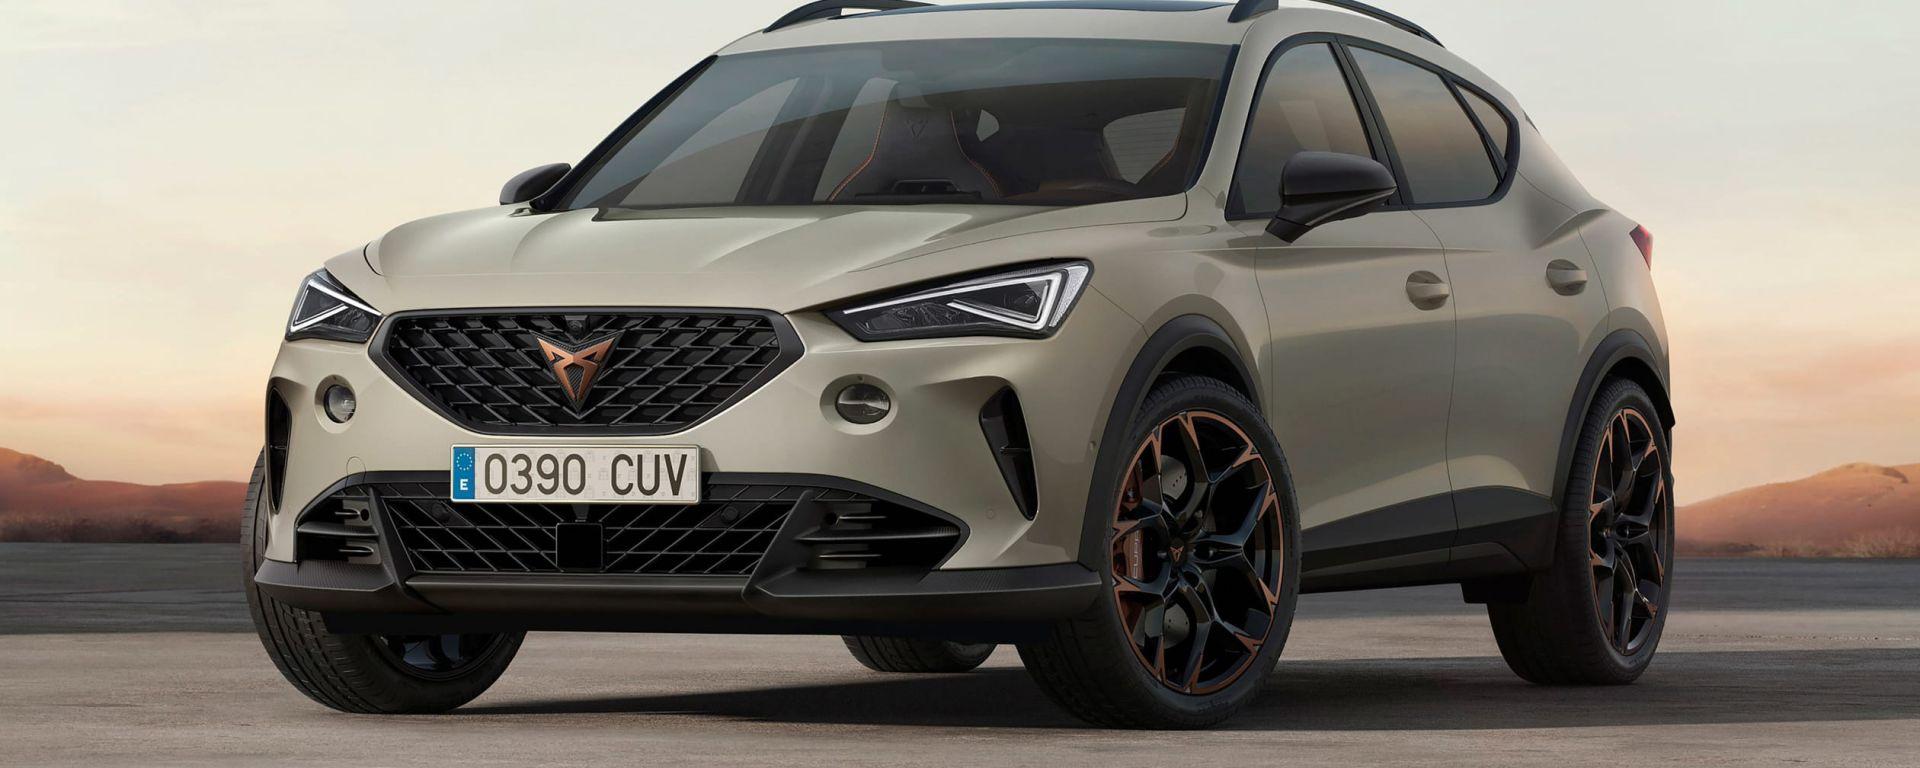 Nuova Cupra Formentor VZ5: in arrivo il SUV-Coupé più potente della gamma